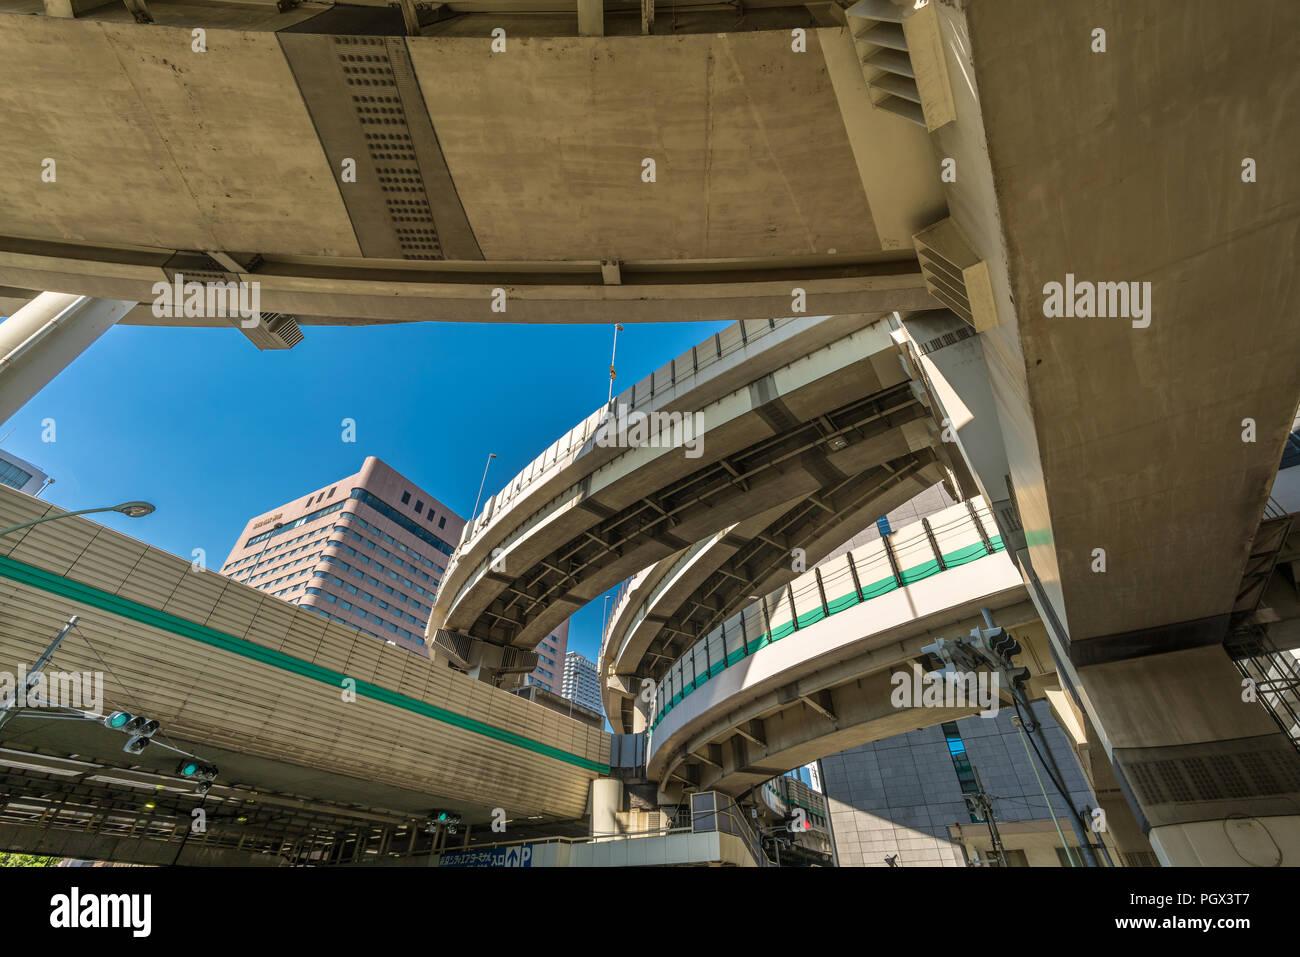 Tokyo, Chuo Ward - August 26, 2018 : Hakozaki Junction. Connects Mukojima Line, Chiba by Komatsugawa Line, and Kanagawa by Fukagawa Line each leading  - Stock Image